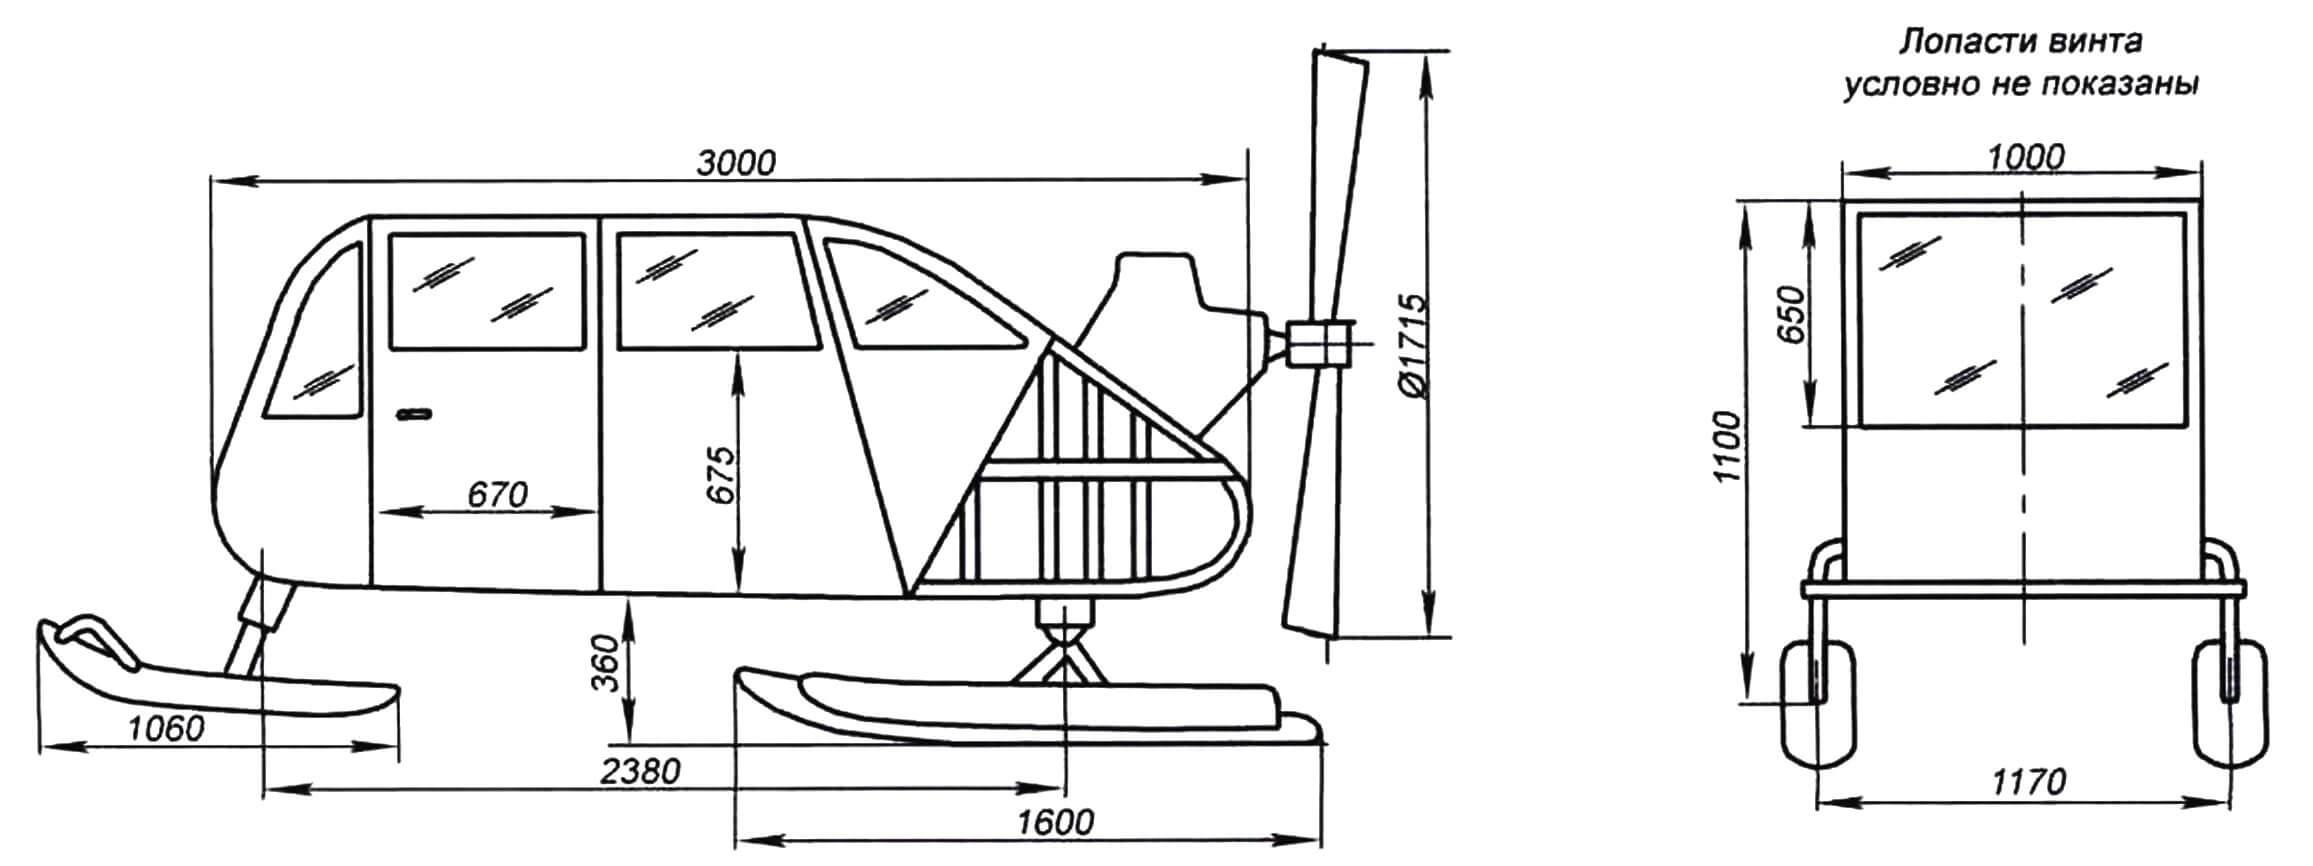 Двухместные аэросани с закрытой кабиной